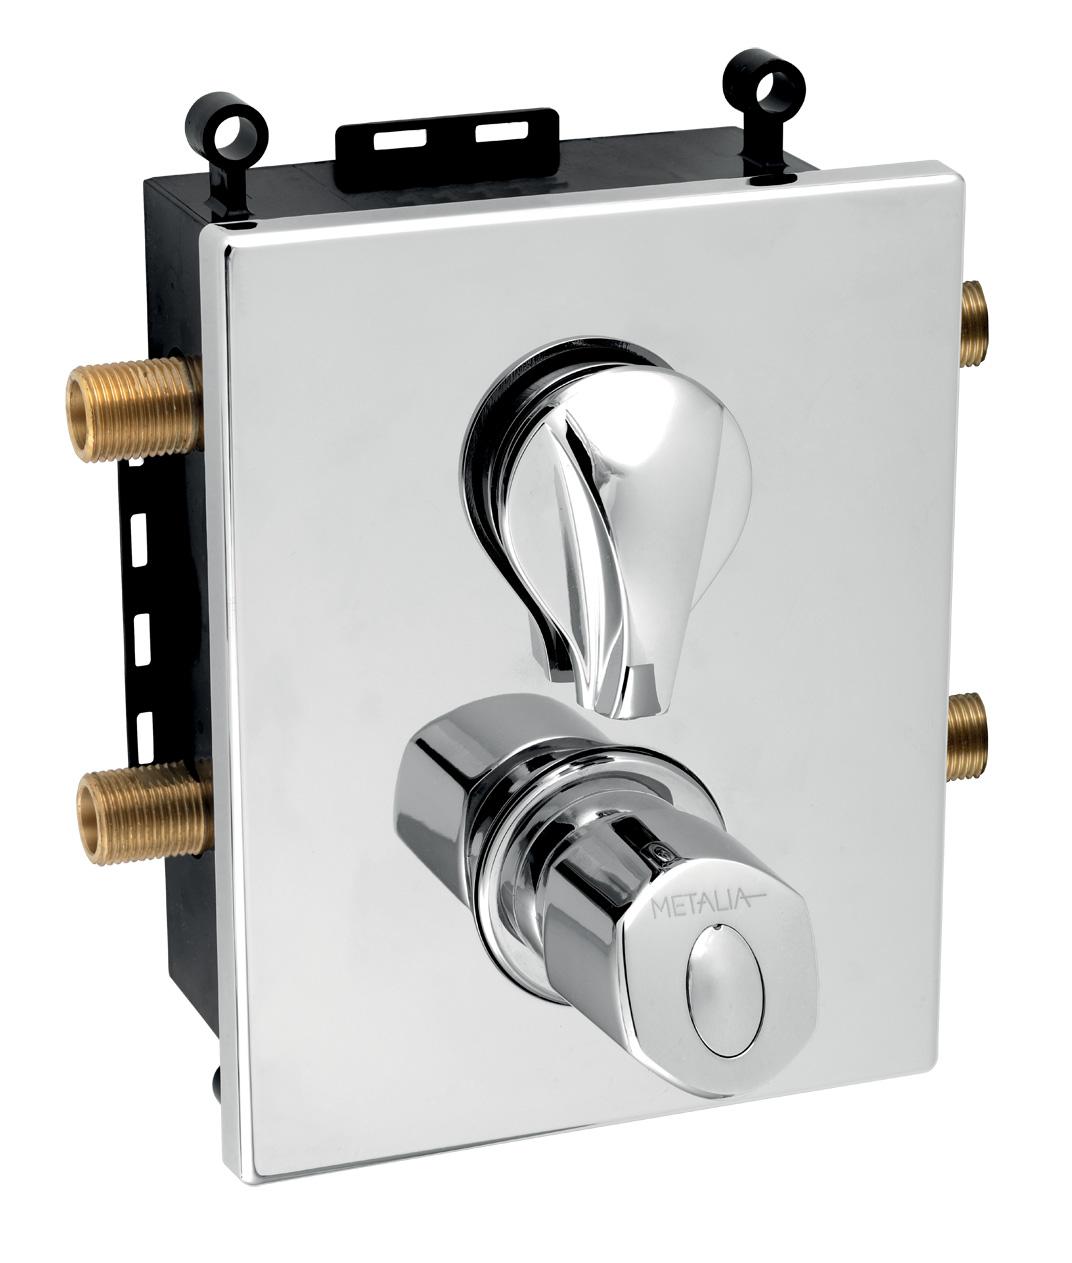 Novaservis Metalia 56 Podomietková termostatická batéria s boxom 2 vývody, BOX56052RT,0